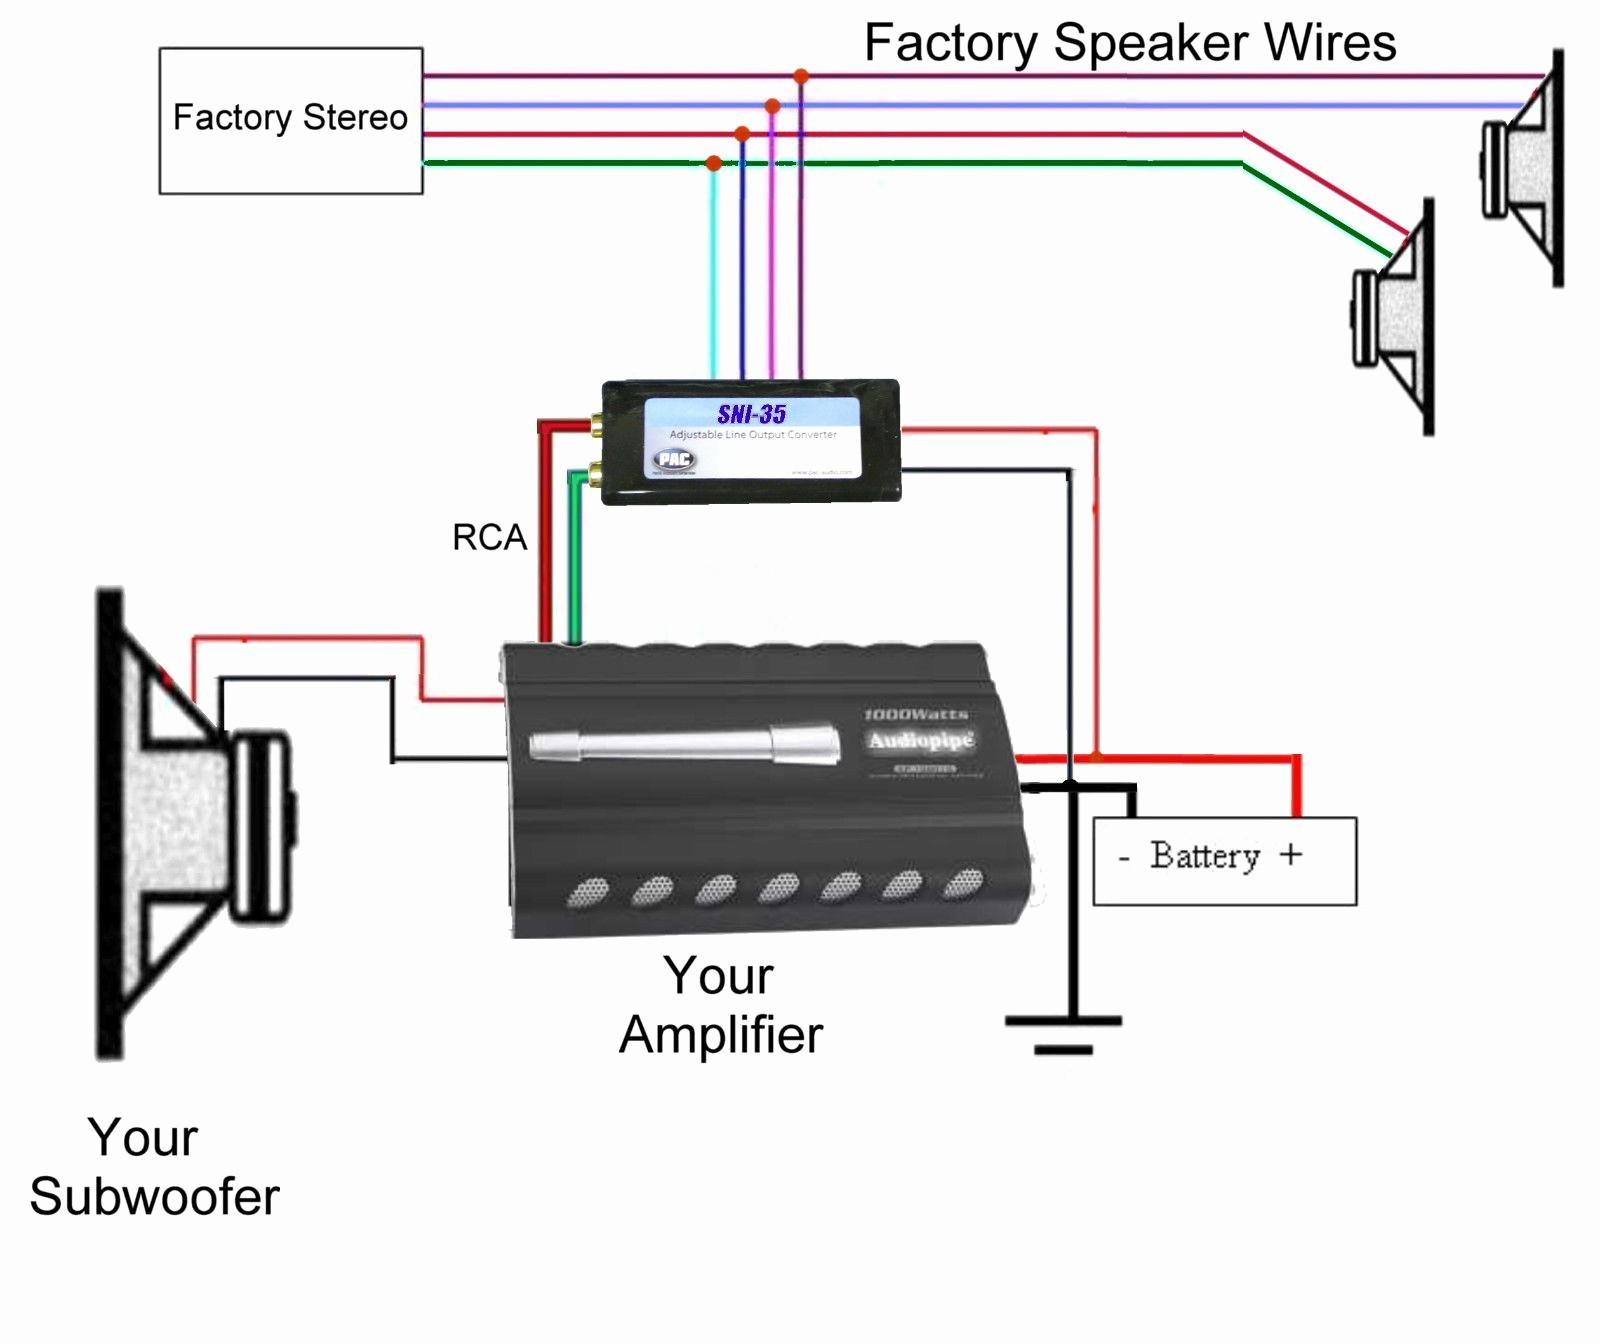 Sni 35 Adjustable Line Output Converter Wiring Diagram Pac Line Output Converter Wiring Diagram Inspirational